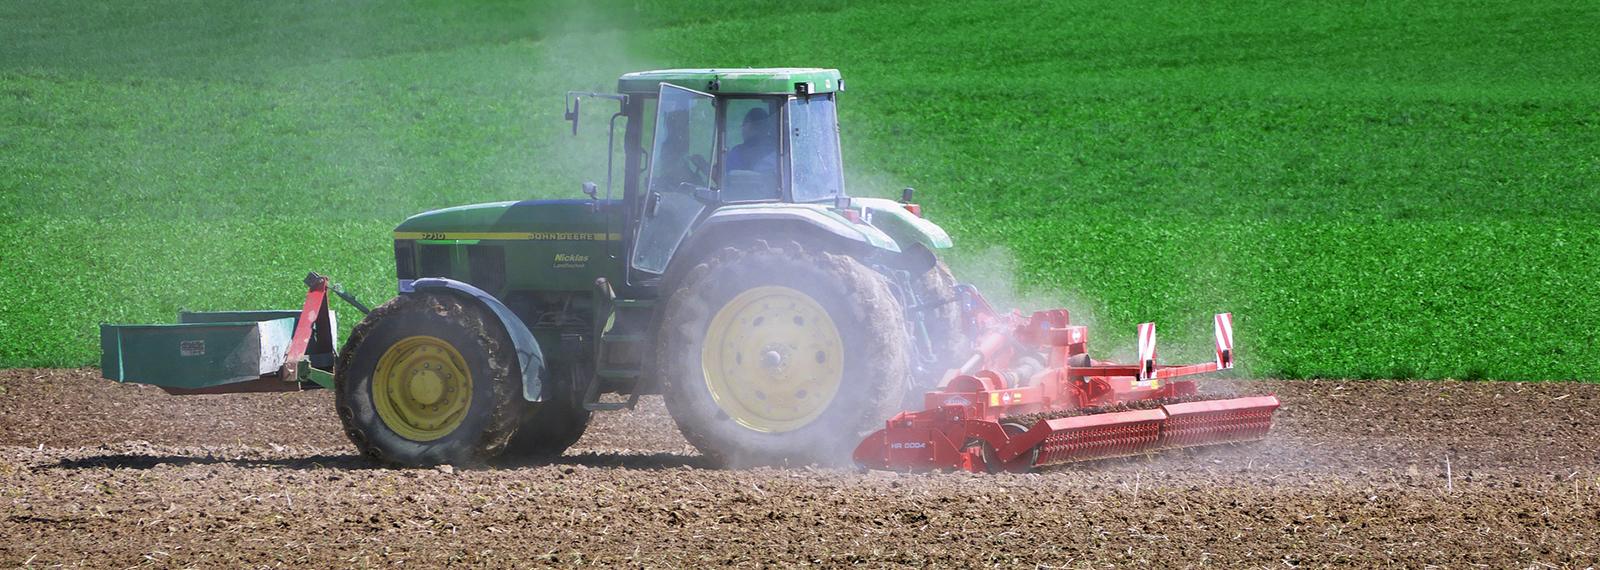 Course Image Préparation du sol